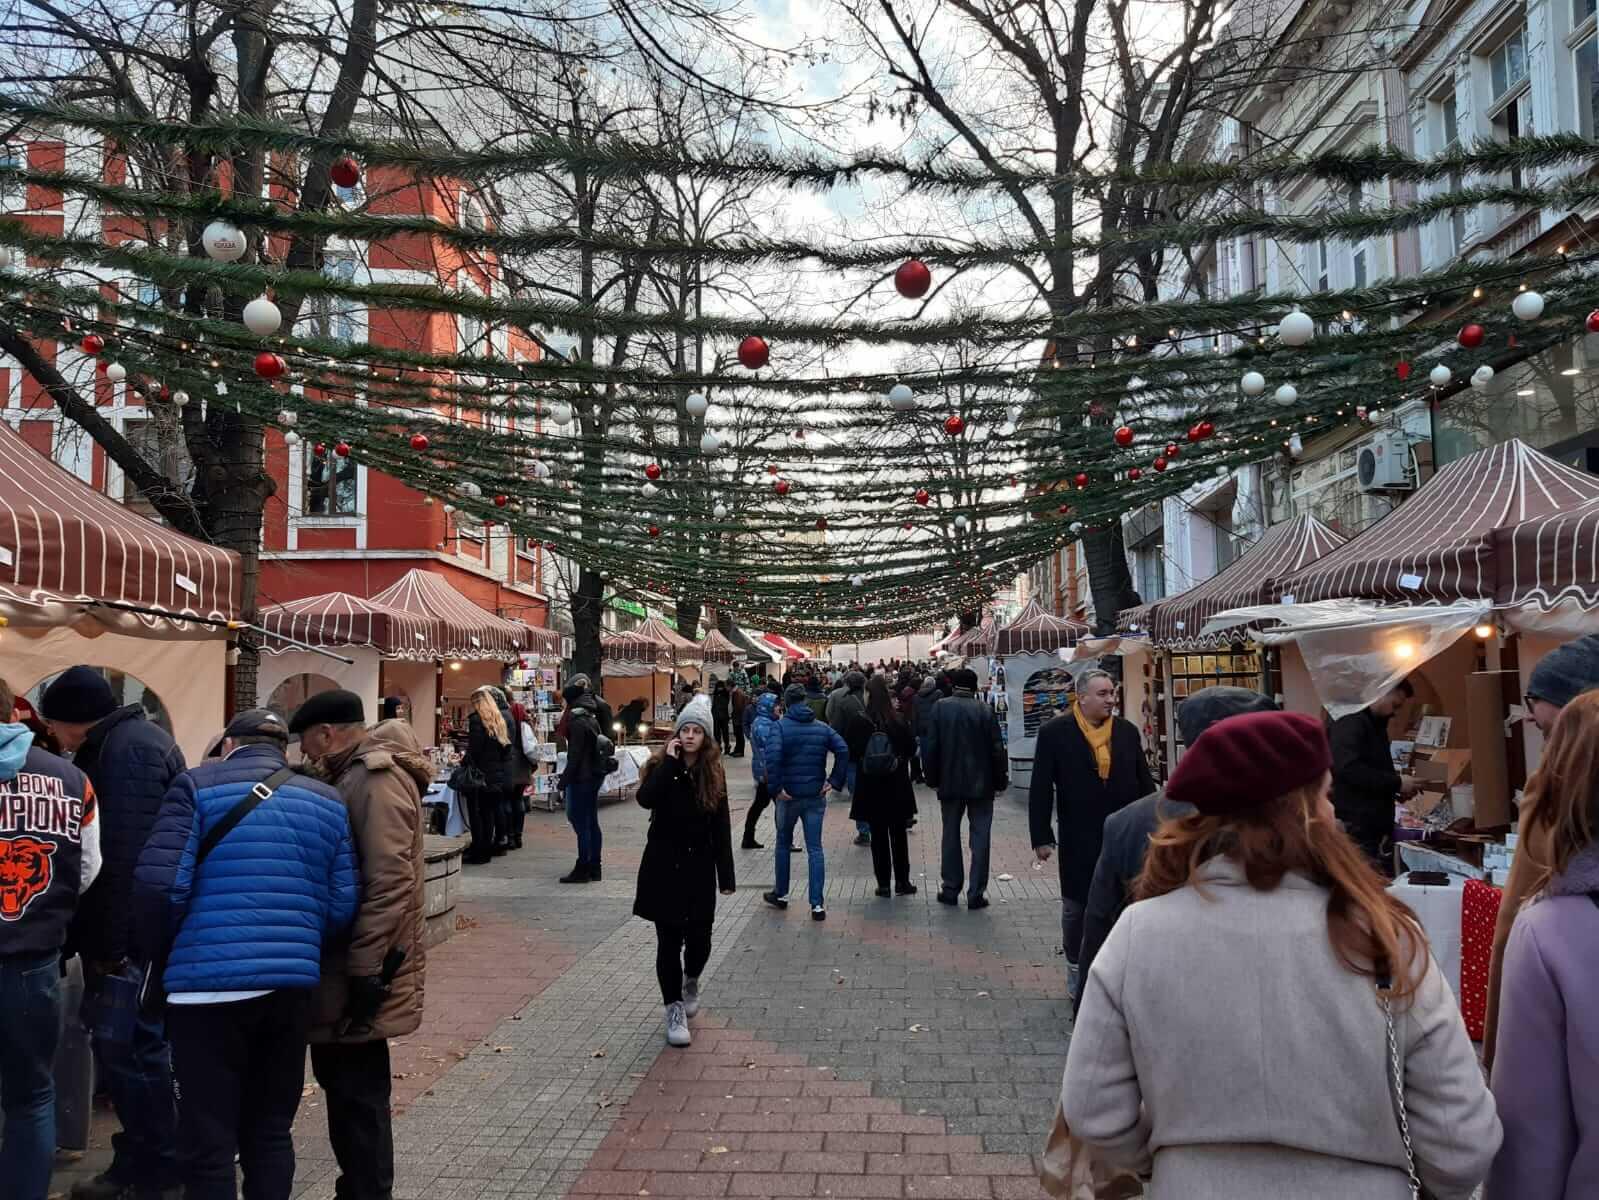 Plovdiv Christmas Market